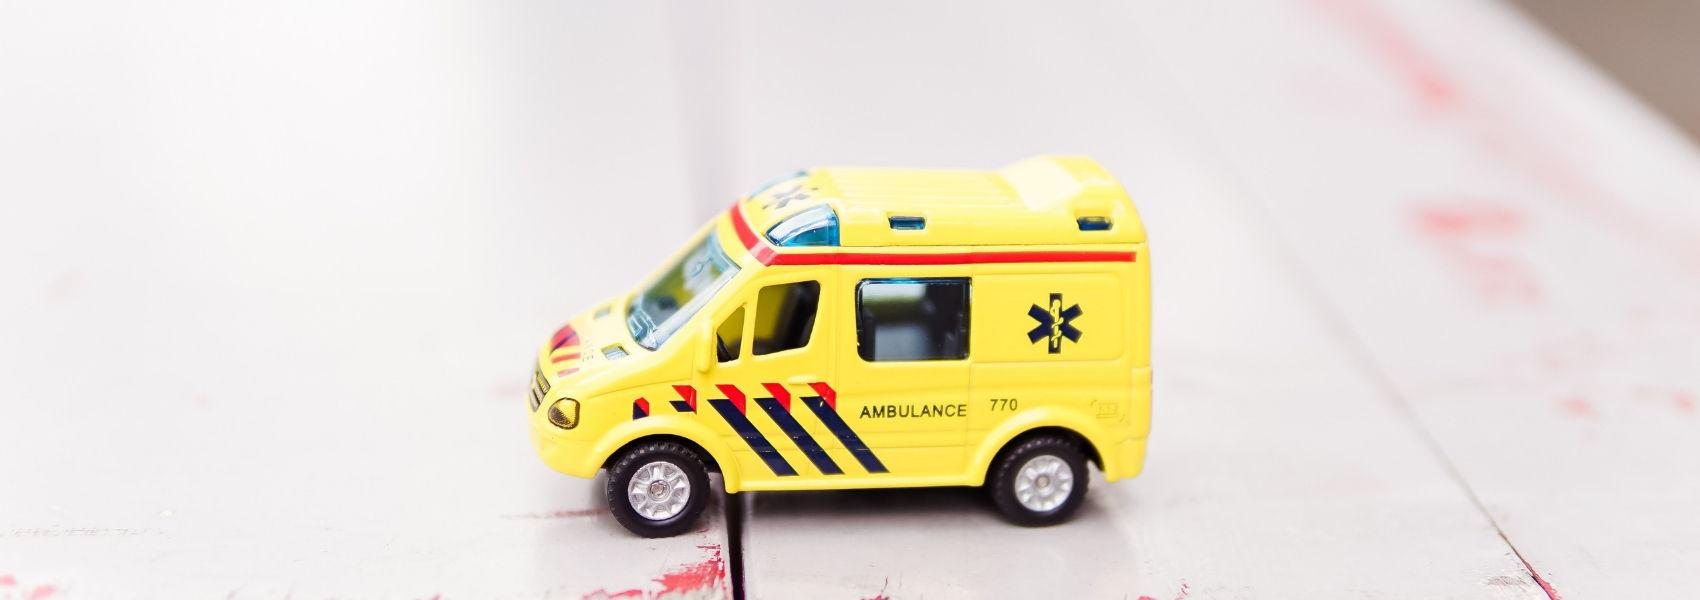 INEM recebeu 159 chamadas de emergência por hora em 2018